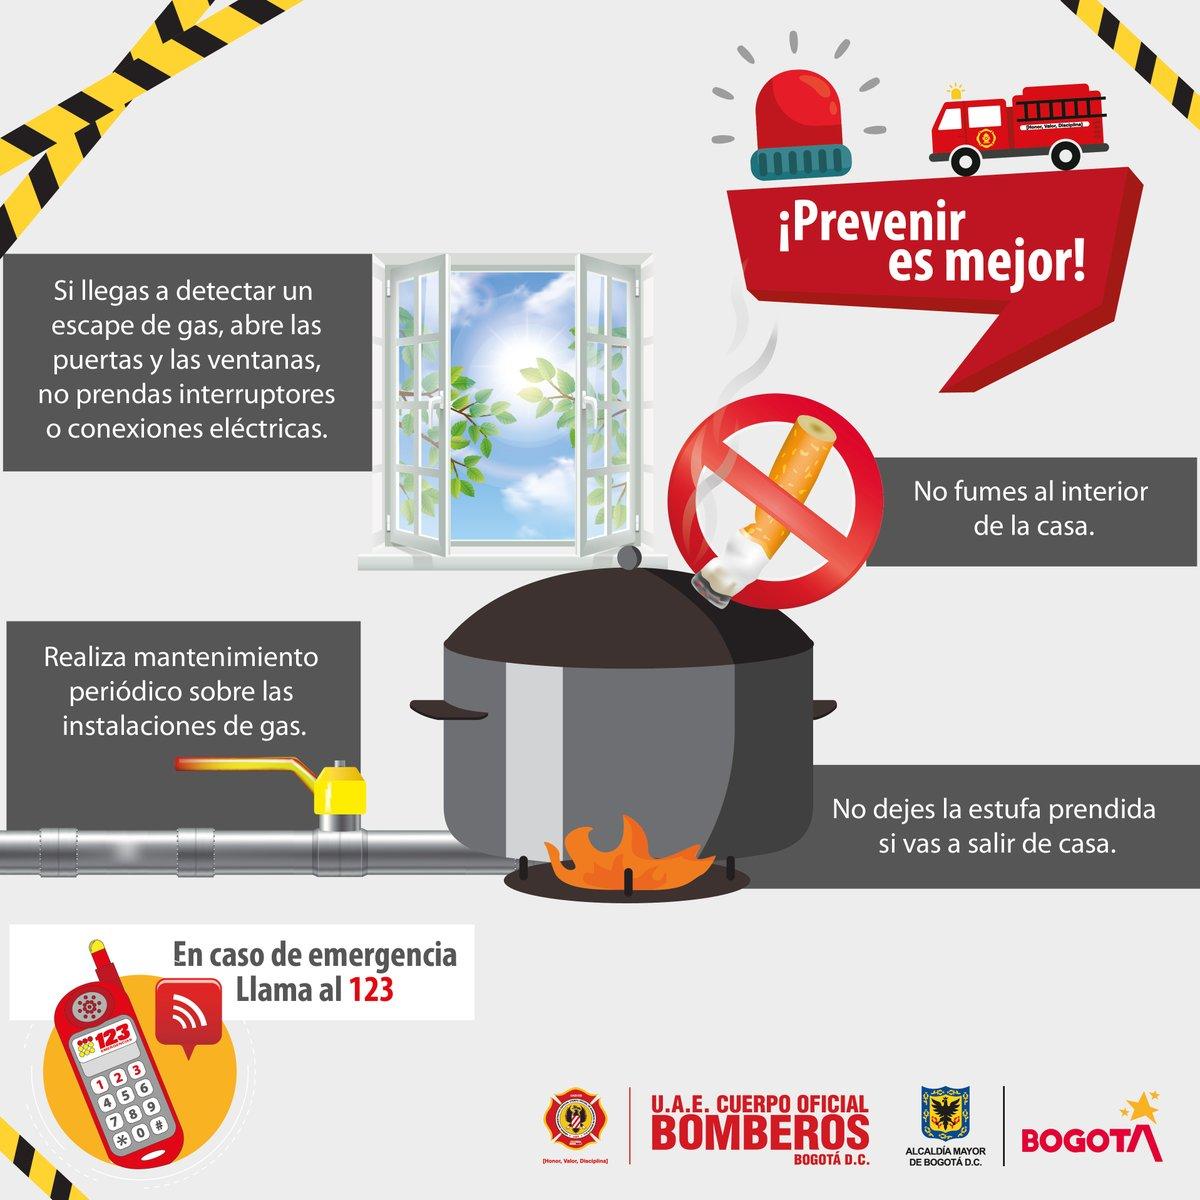 Si un hogar seguro quieres tener, estas recomendaciones debes atender 🚒#PrevenirEsMejor